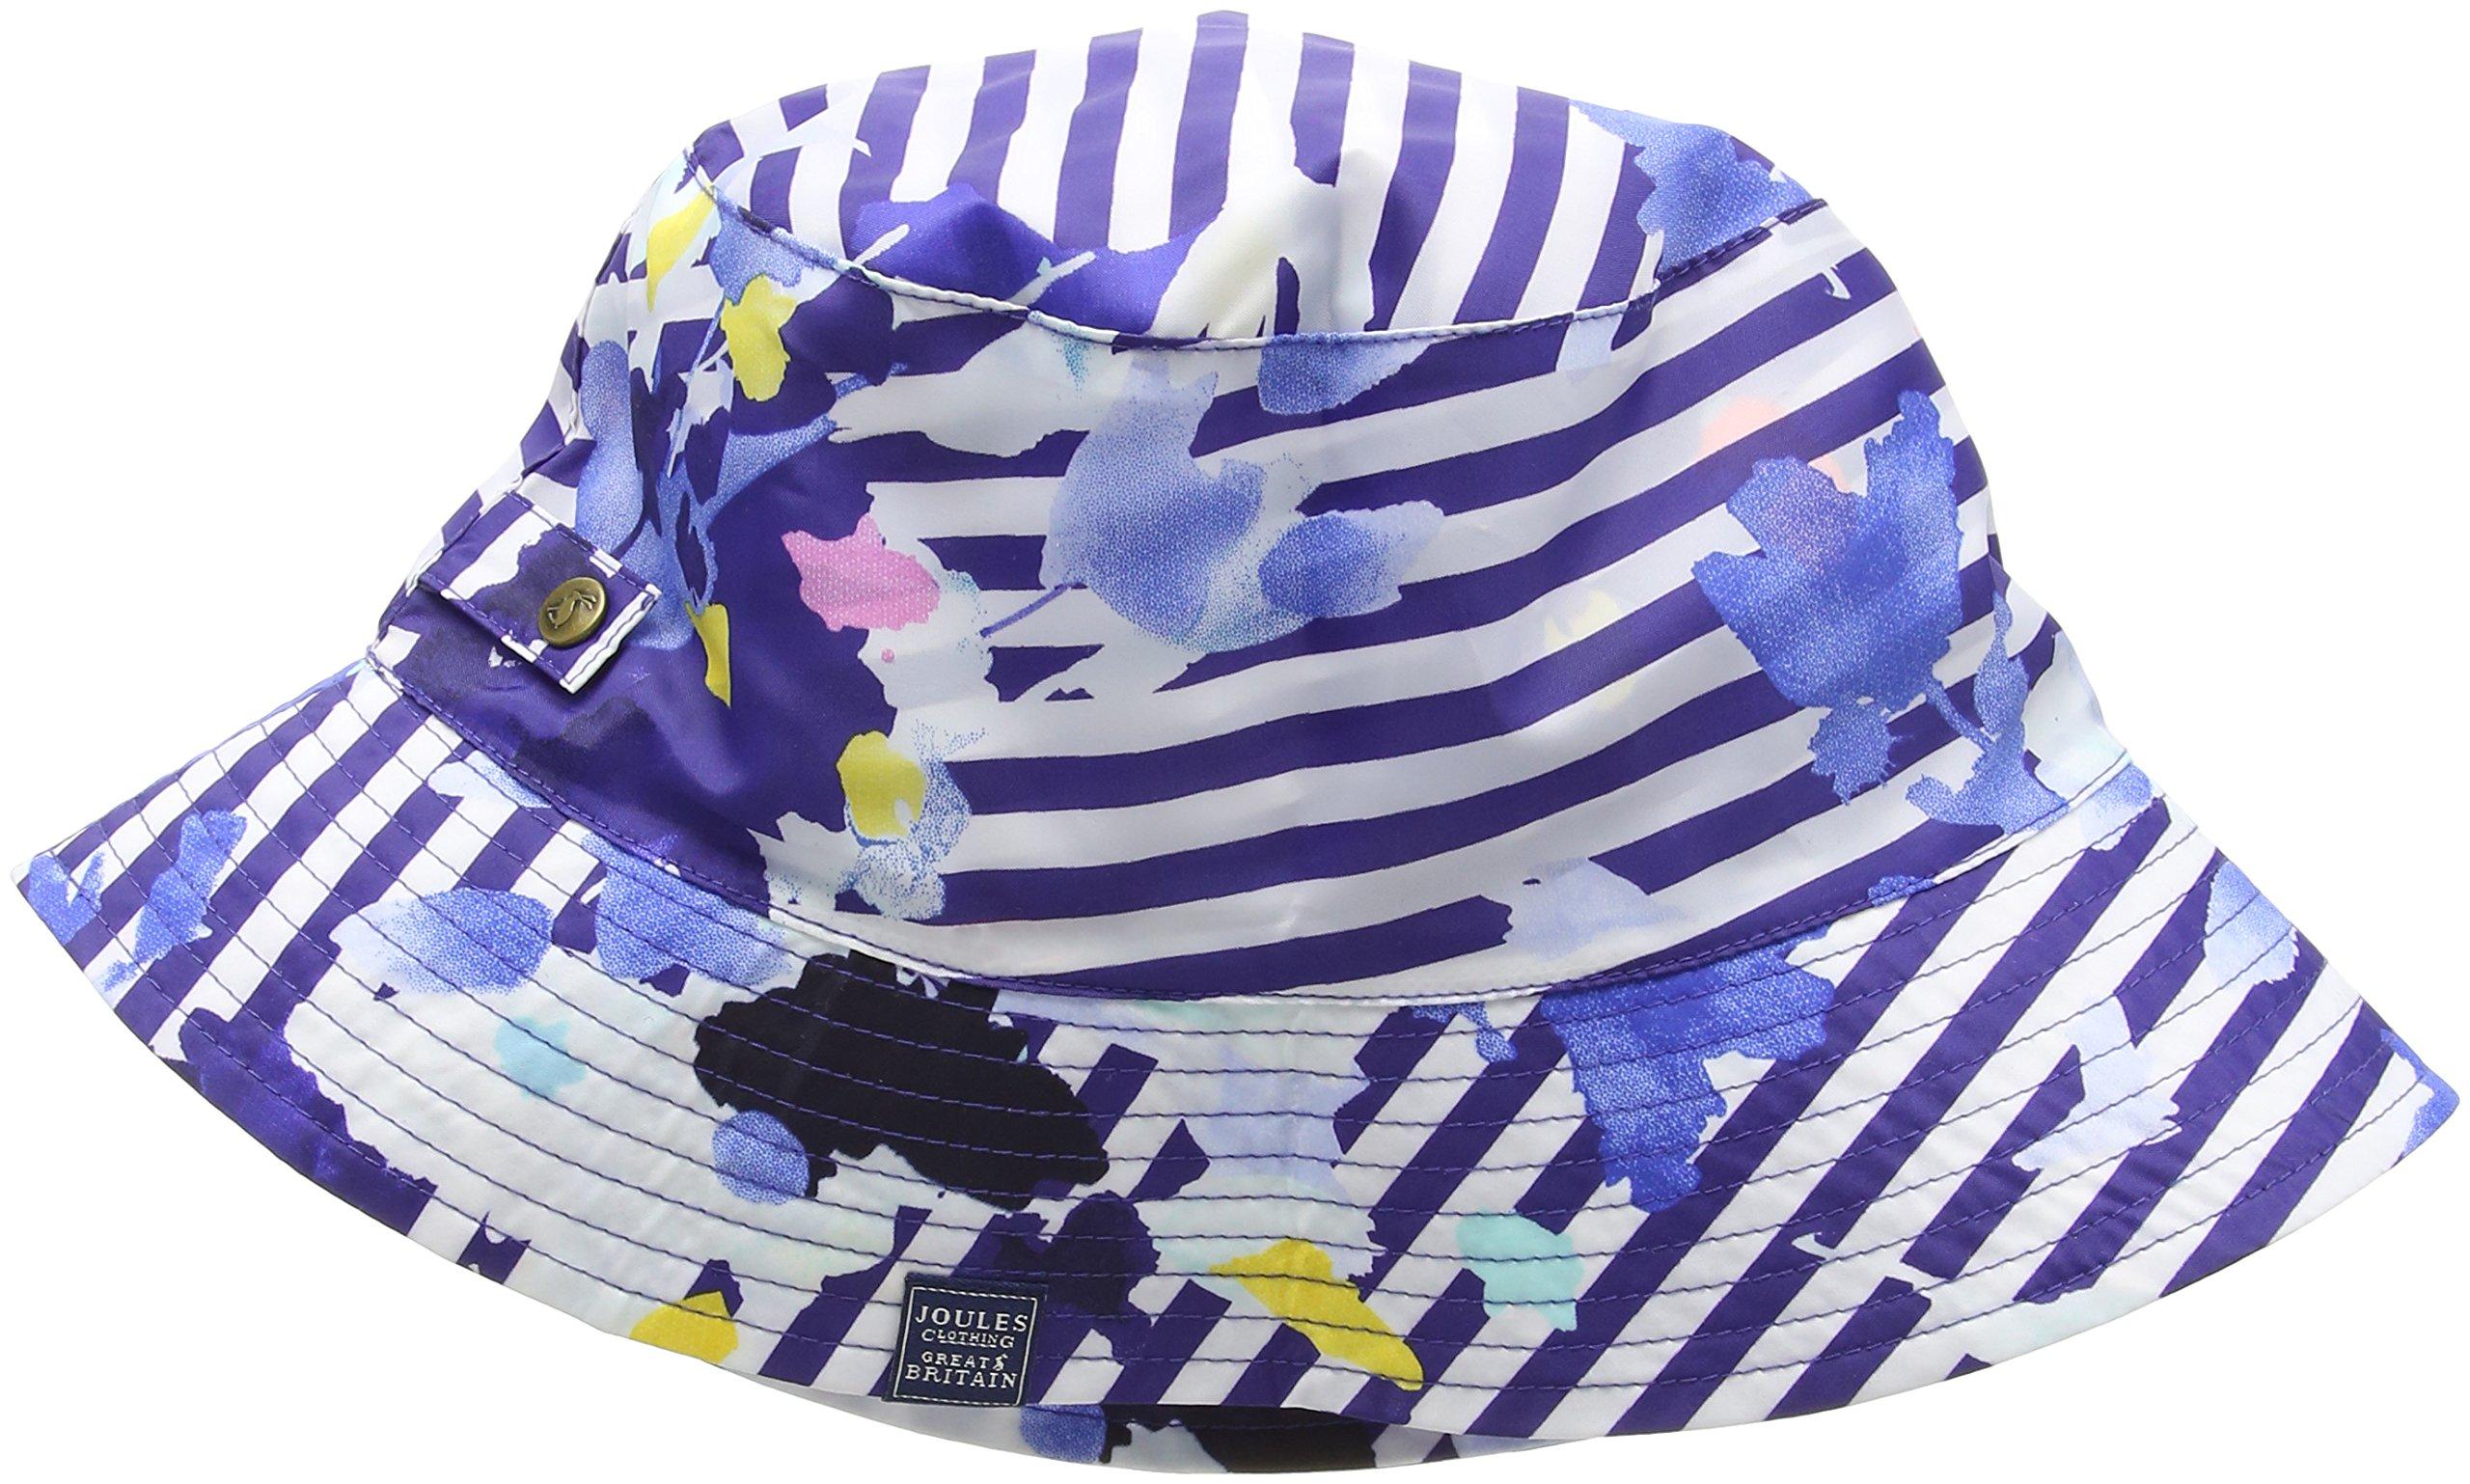 Joules Women's Rainyday Packable Rain Hat, Multi Floral Stripe One Size